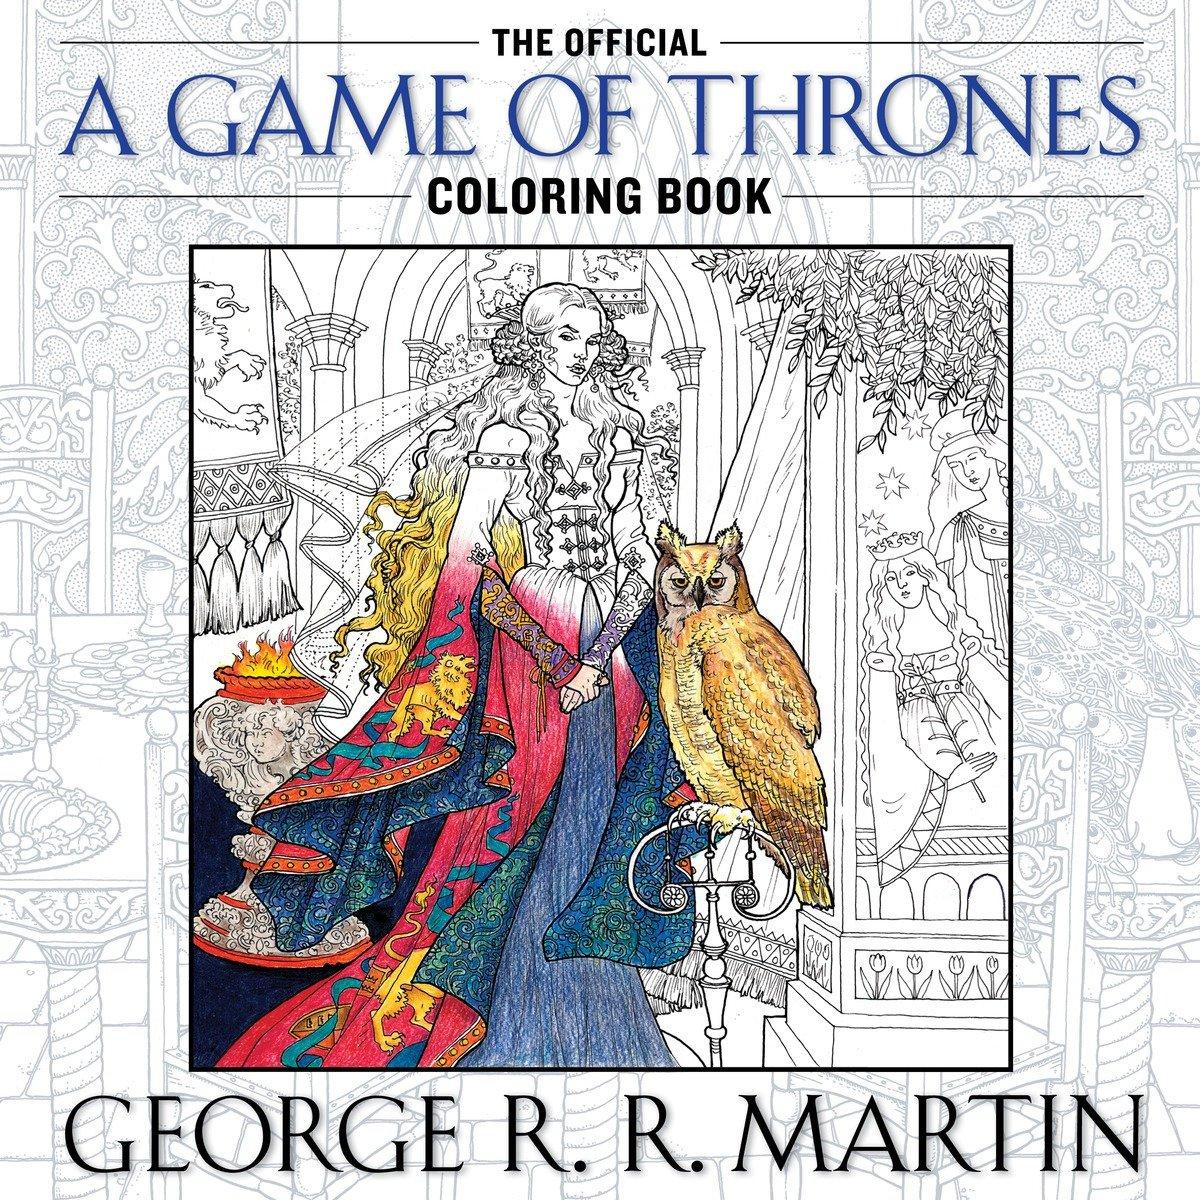 Иллюстрации изпоступившей впродажу официальной раскраски, посвященной «Игре престолов» #КПзалипает https://t.co/xcoHUeBYFq